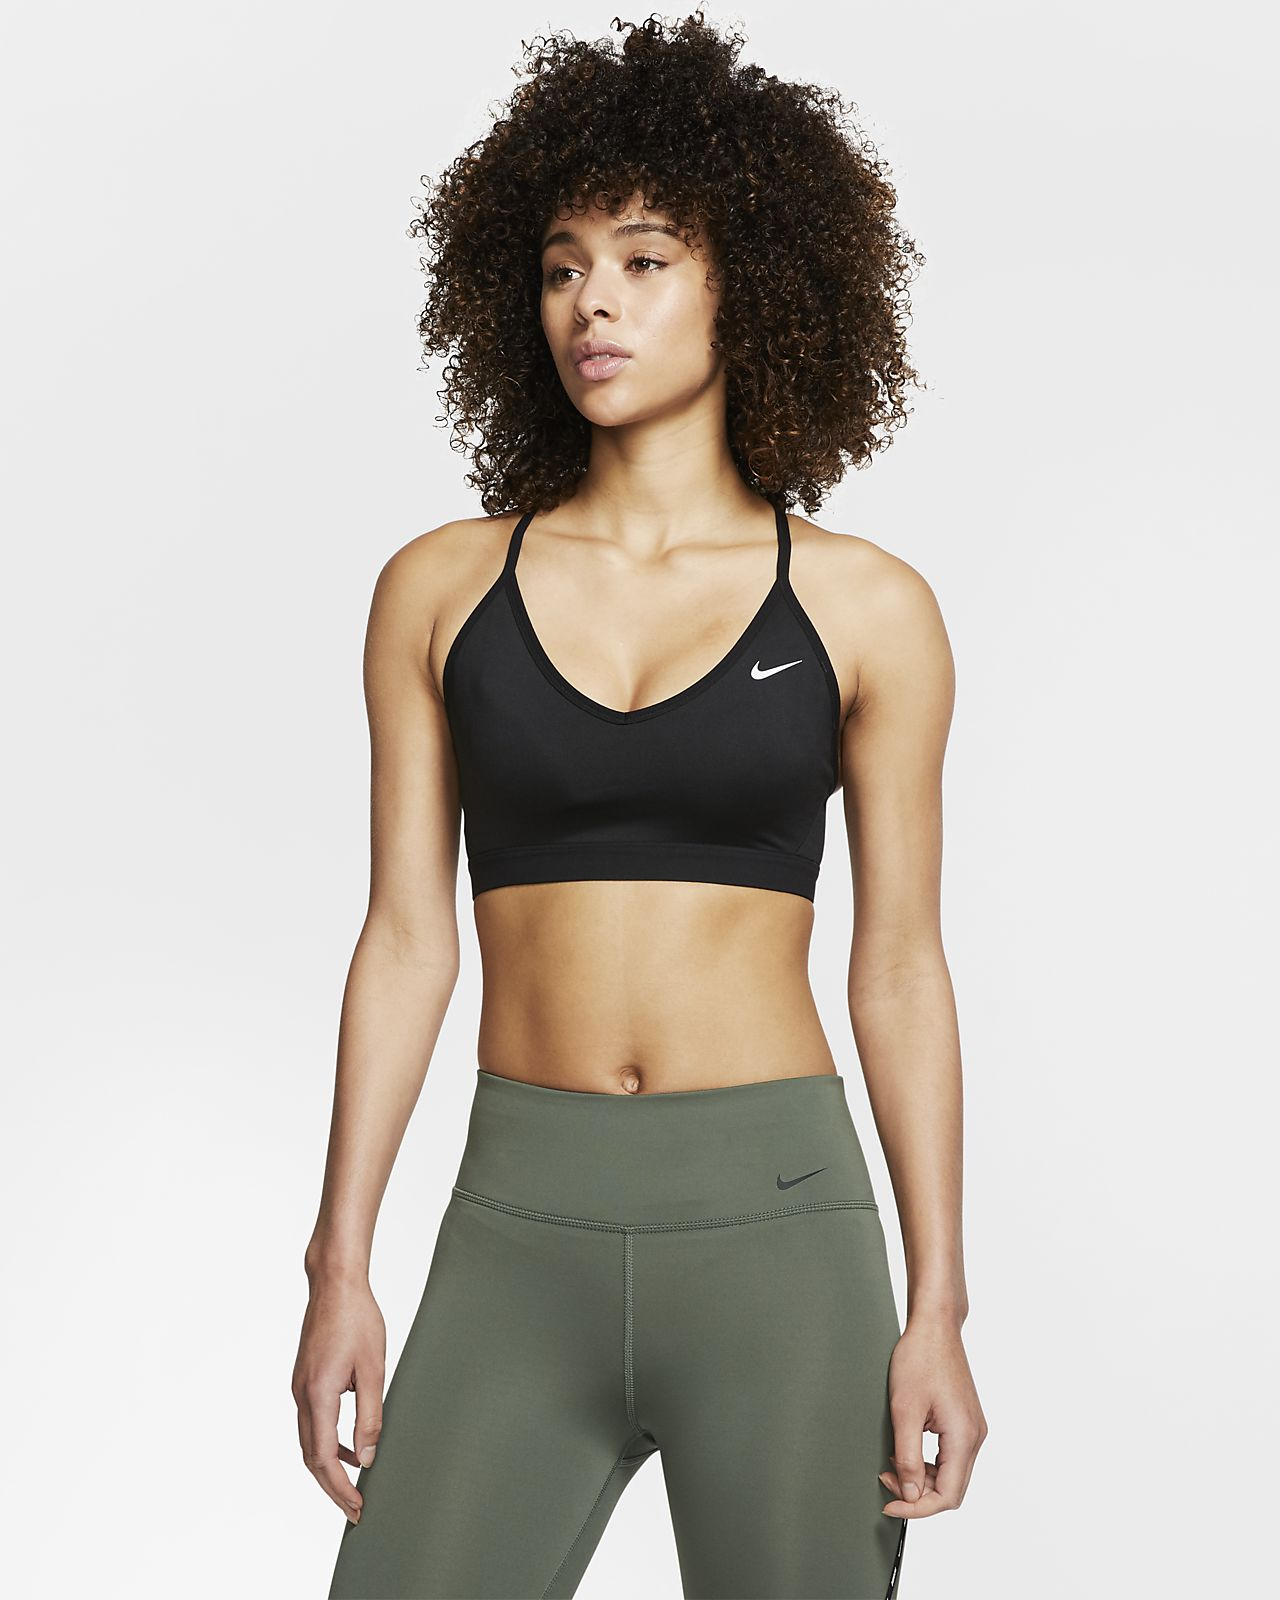 Nike Indy Hafif Destekli Kadın Spor Sütyeni